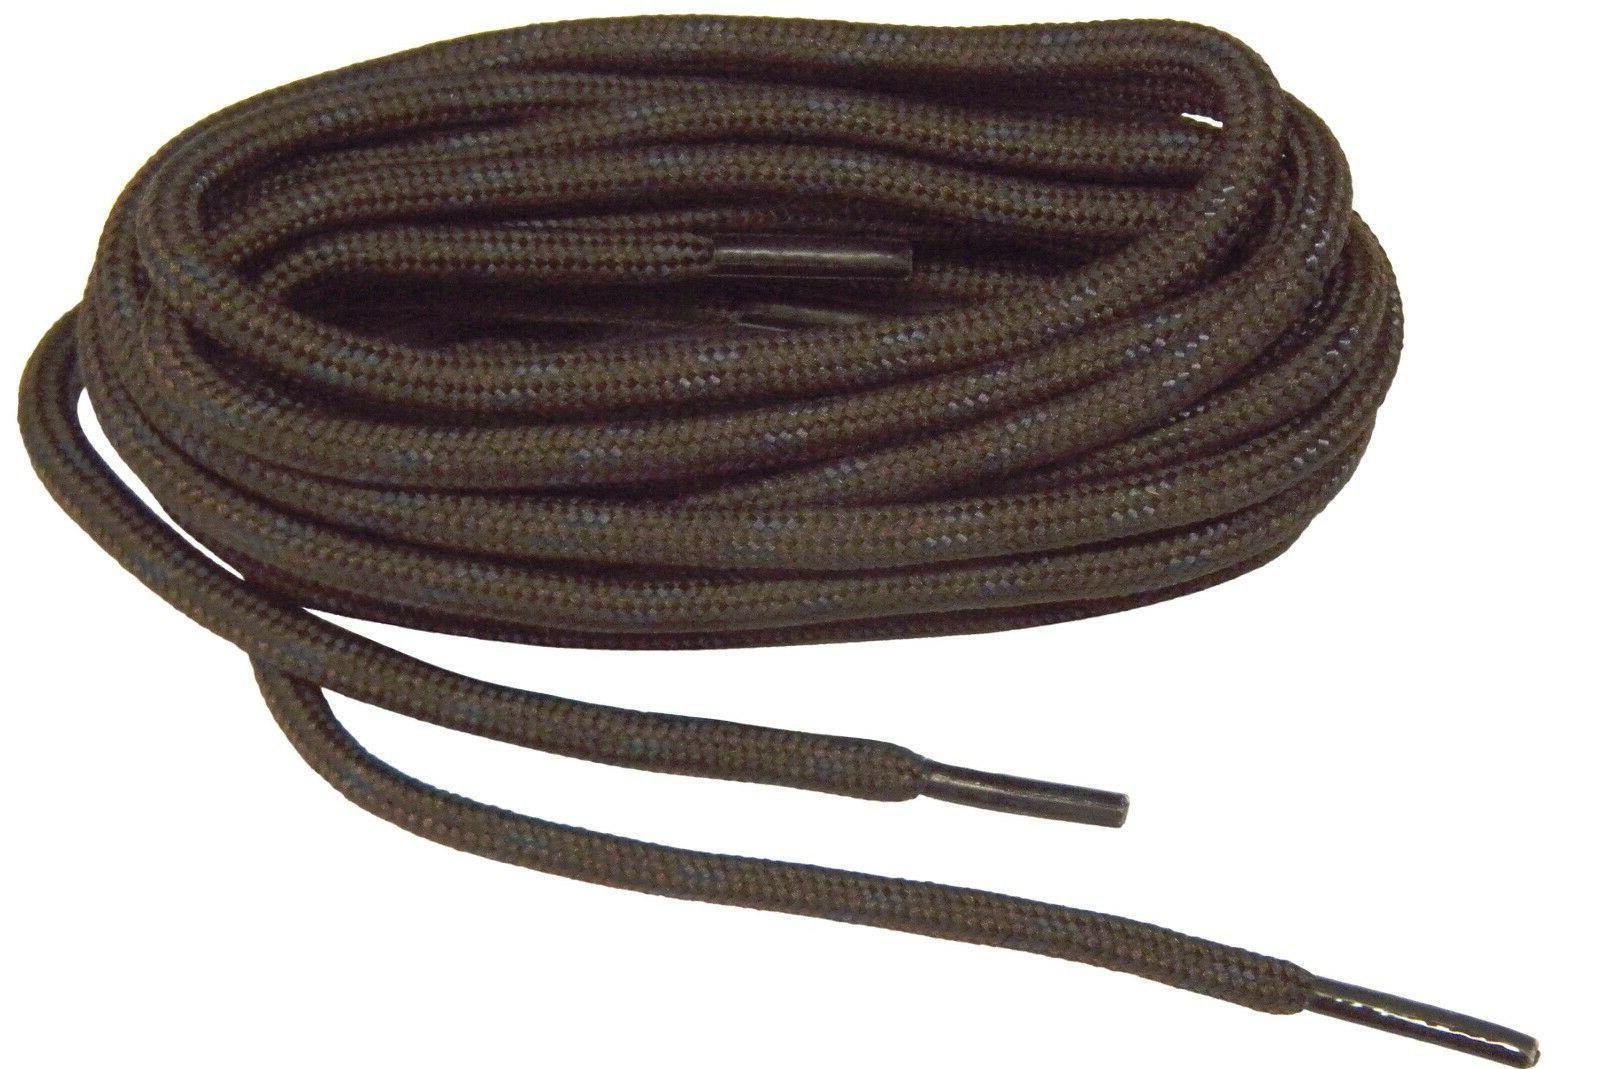 Brown w/Black Heavy Duty Kevlar reinforced boot laces shoela